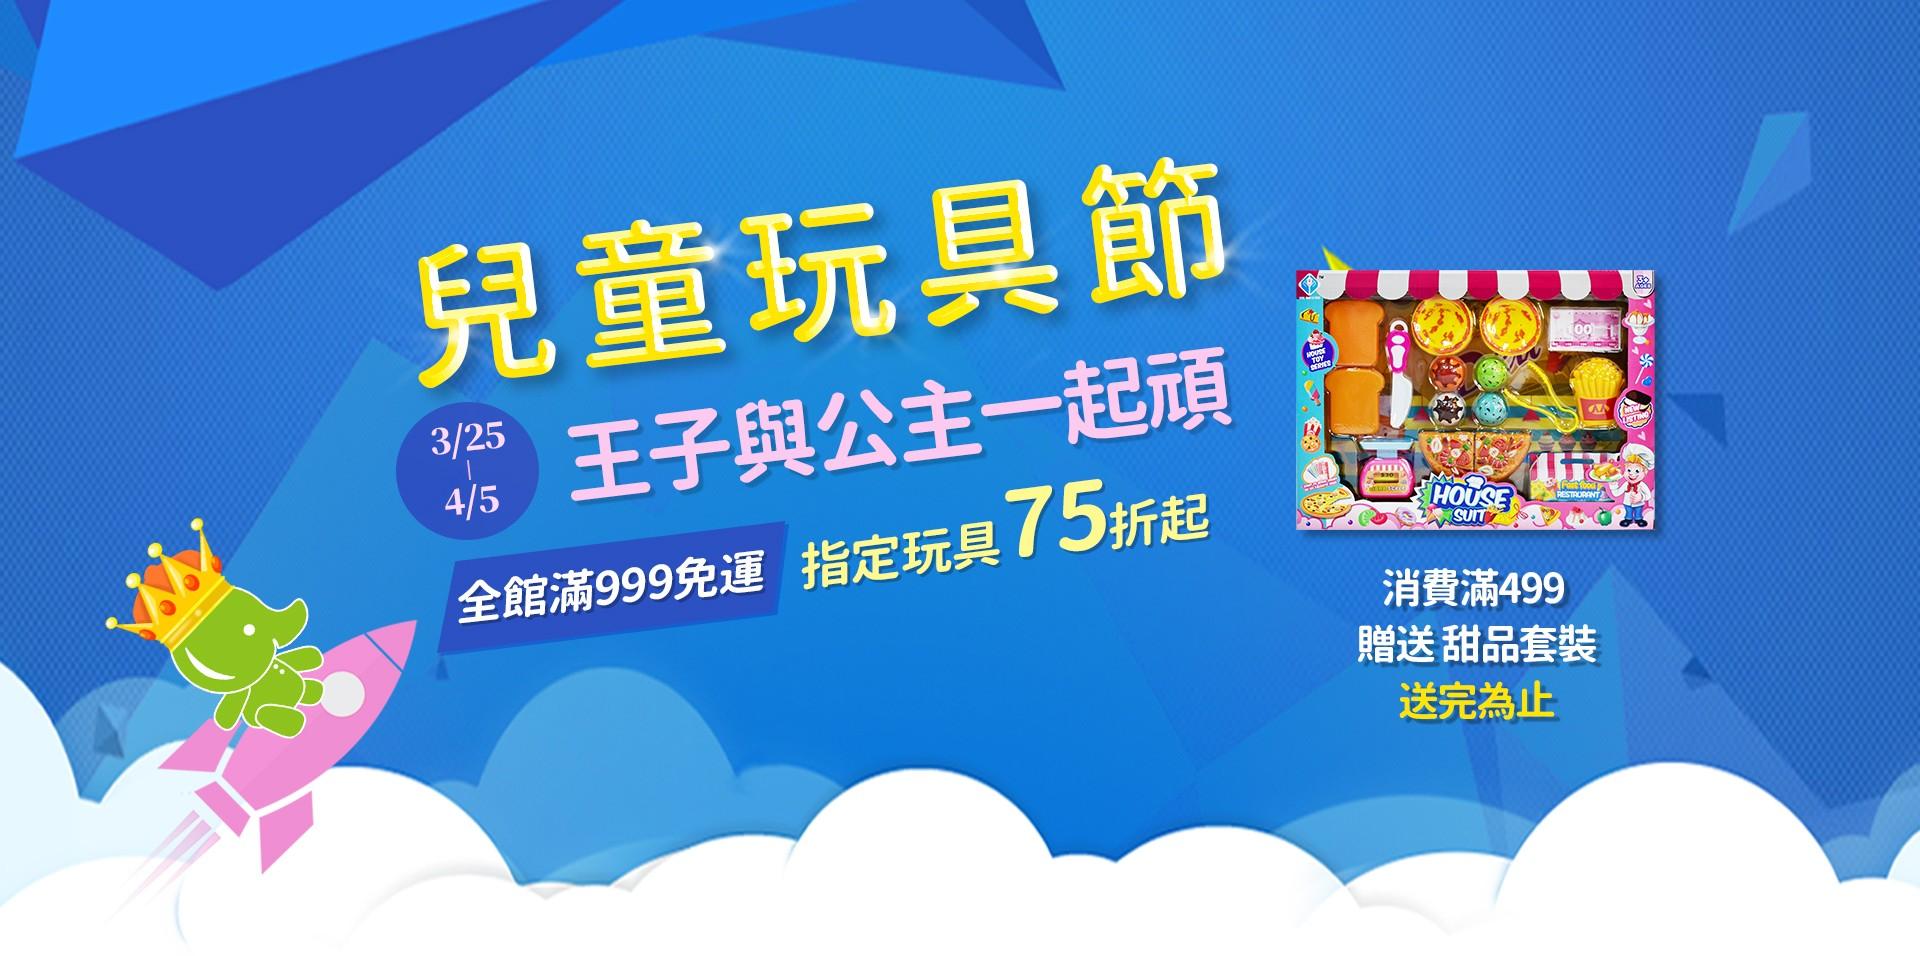 兒童玩具節,指定玩具75折起,消費滿499送甜品套裝,全館消費滿999免運。